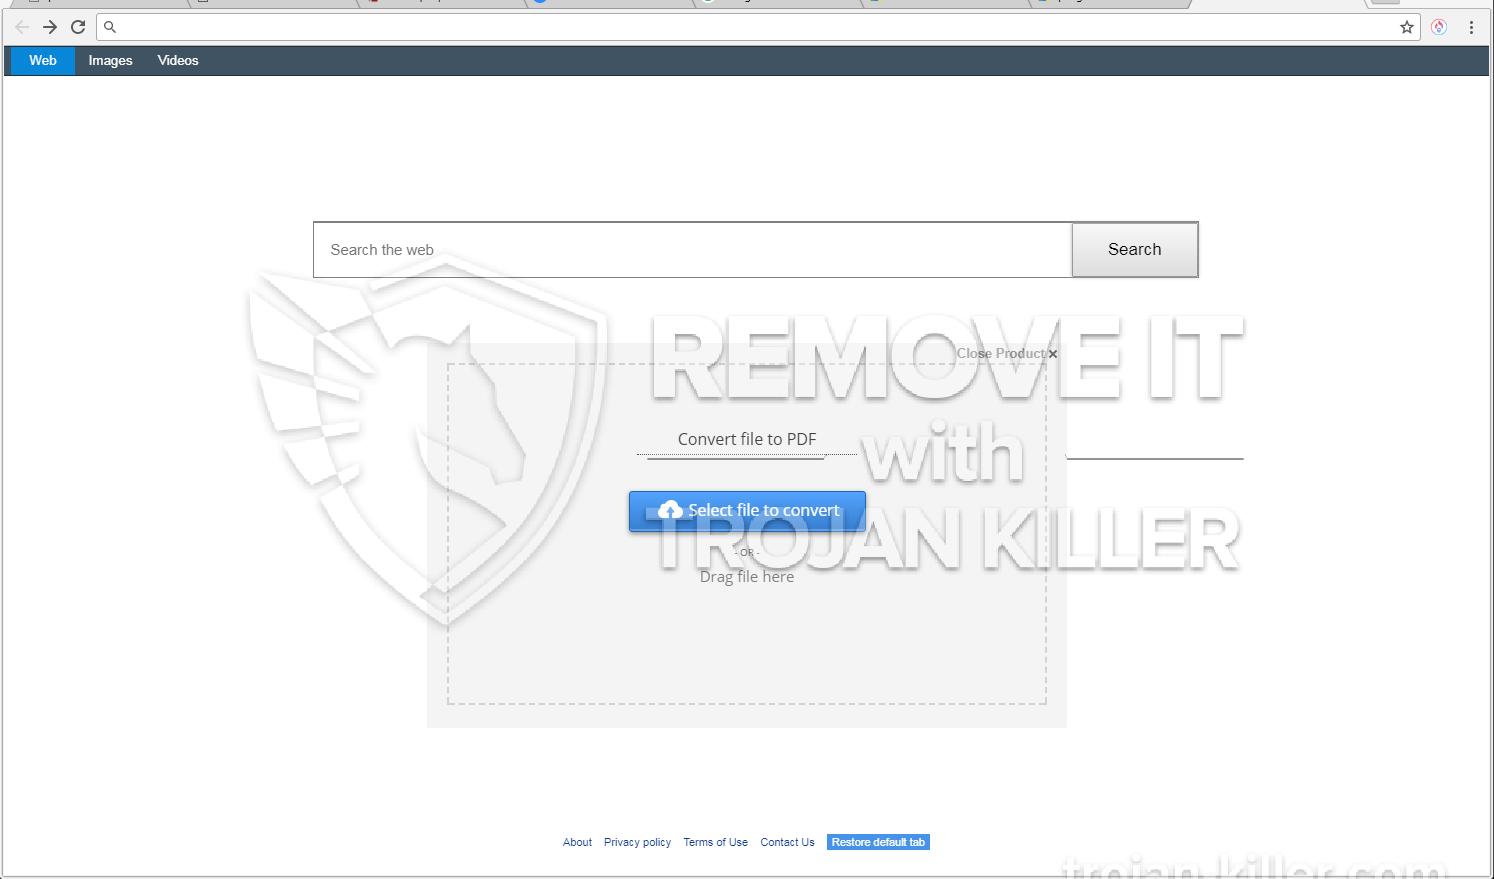 Pdfgenie.net virus